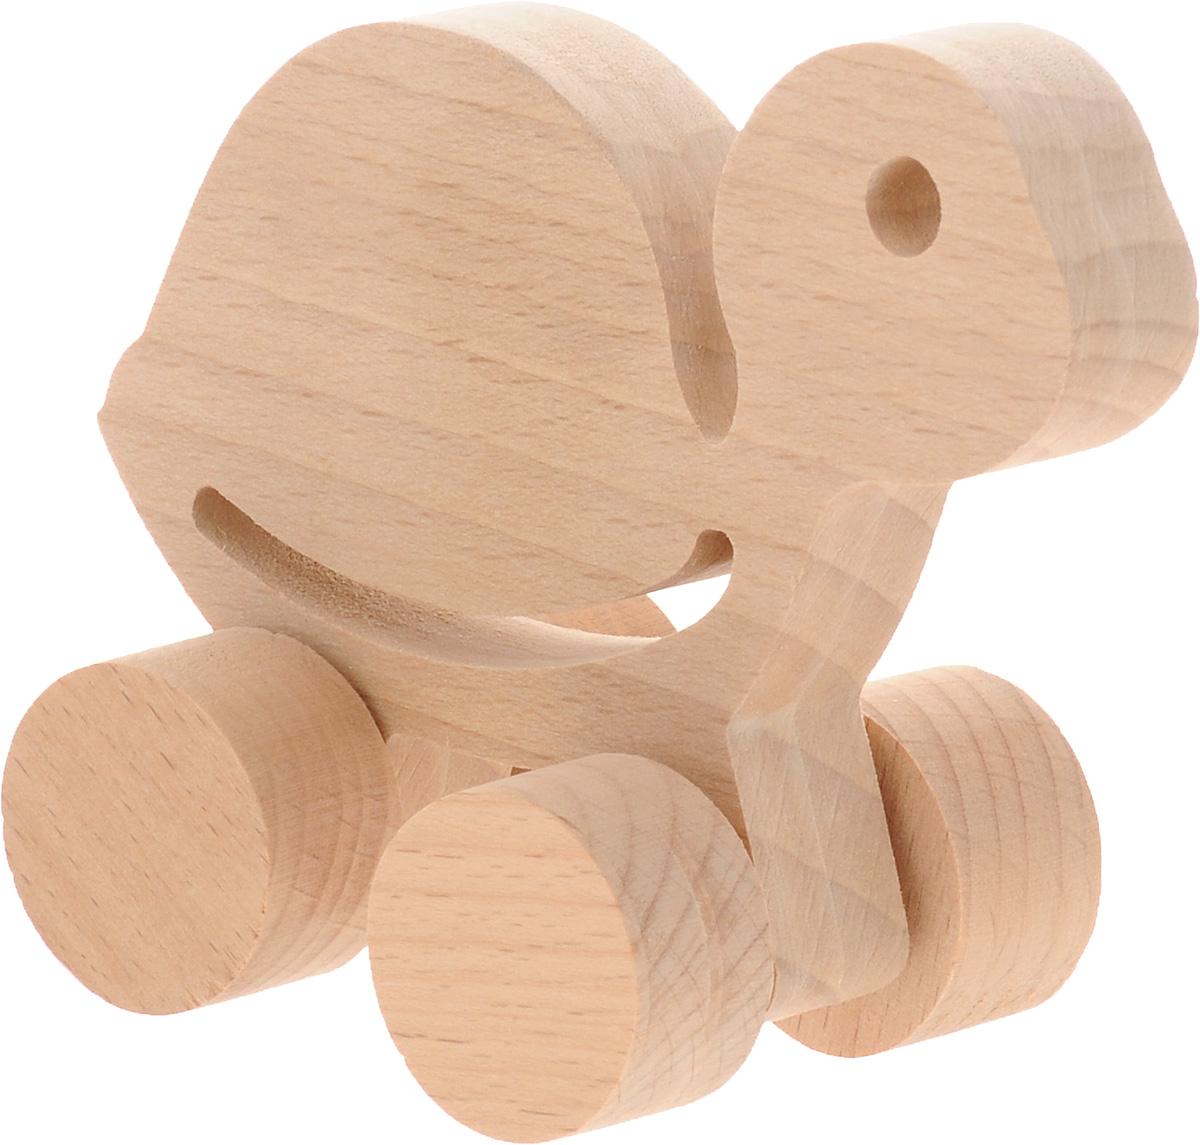 Волшебный городок Игрушка-каталка ЧерепашкаКЧБДеревянные игрушки Волшебный городок развивают моторику ребенка, логику, пространственное мышление, зрительное восприятие и внимание малыша. Игрушка-каталка Черепашка выполнена из высококачественного дерева (бука). Колеса игрушки имеют свободный ход. Игрушка-каталка непременно понравится вашему ребенку, подойдет для игры как дома, так и на свежем воздухе.